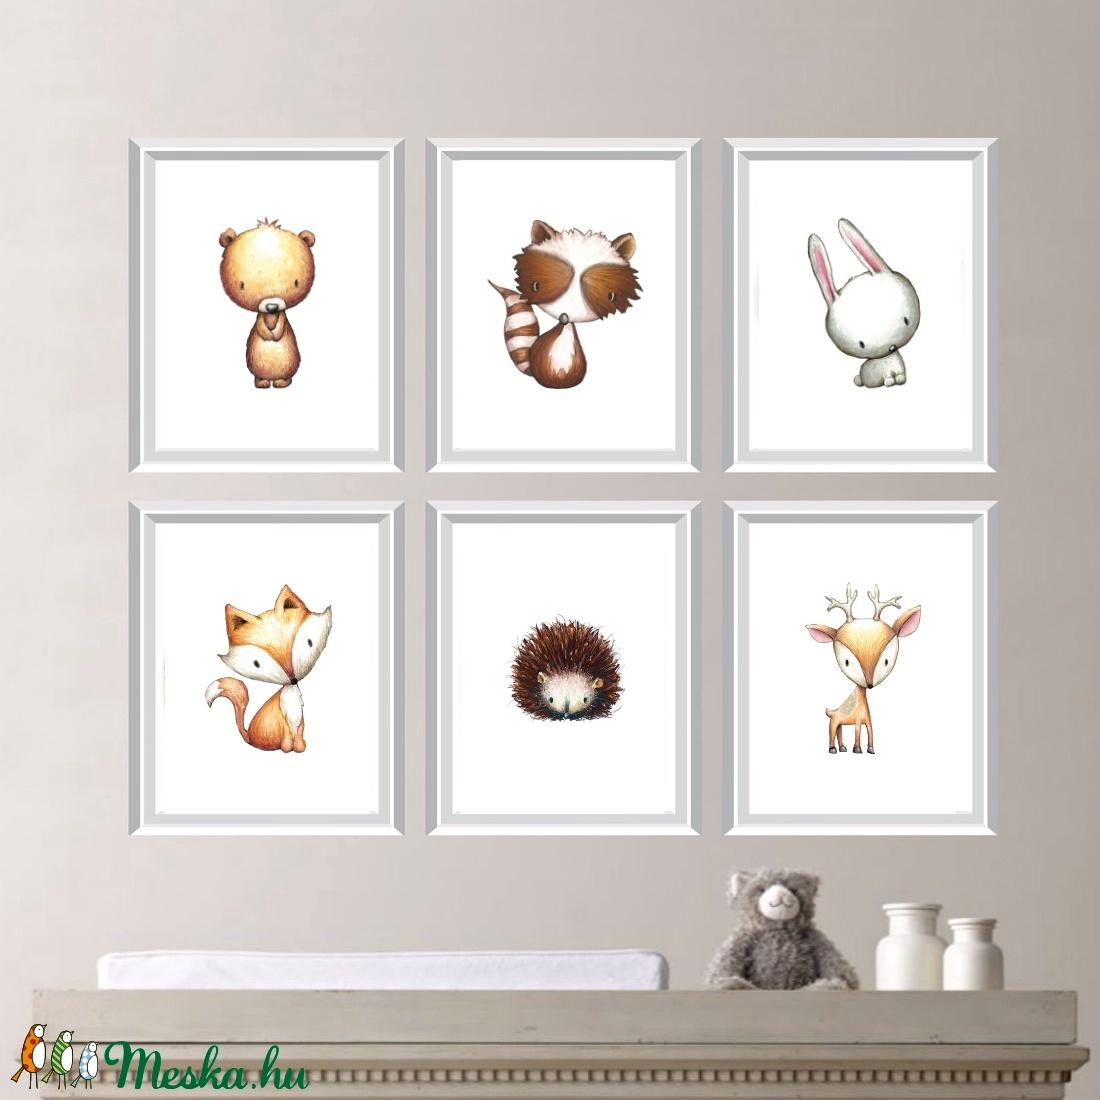 Babaszoba fali dekoráció, maci, szarvas, róka, nyuszi, mosómedve, süni fali kép A4 méretben (BBdesign) - Meska.hu